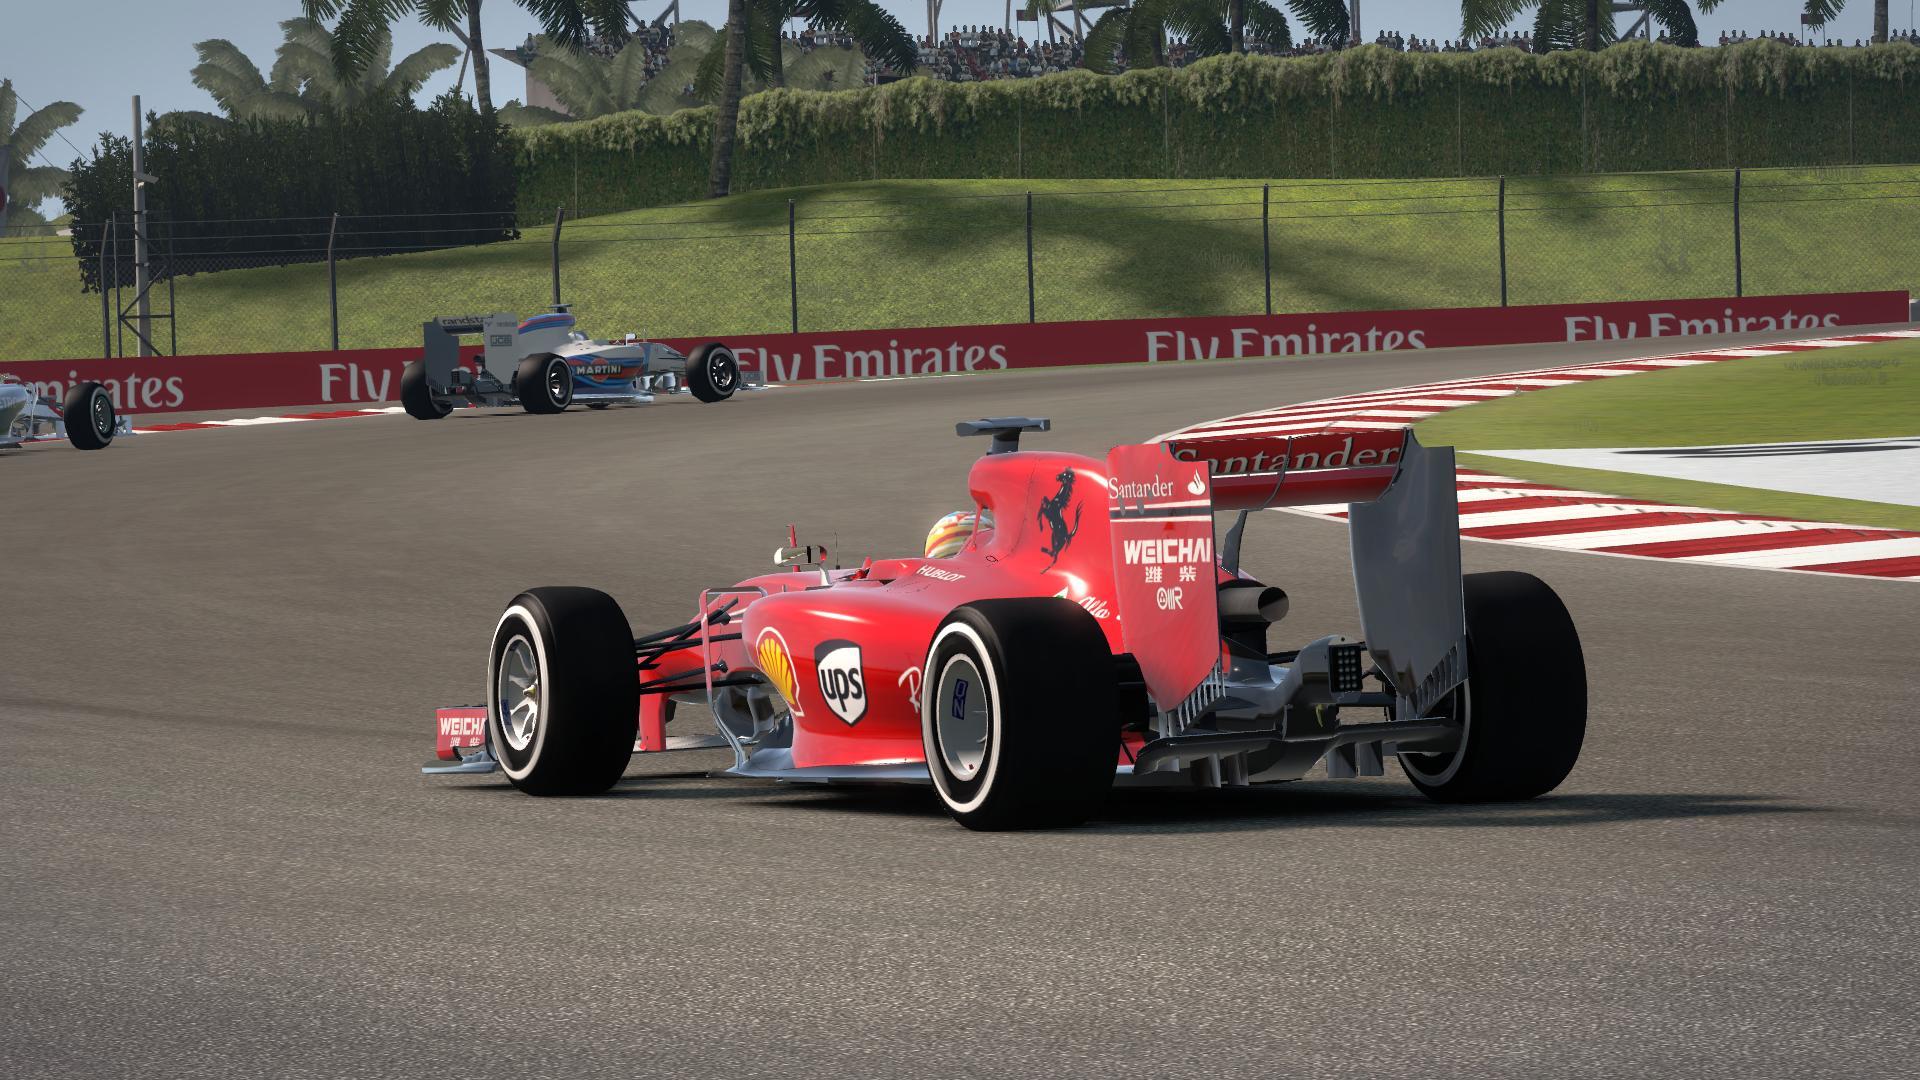 F1_2014 2017-03-13 19-09-03-19.jpg